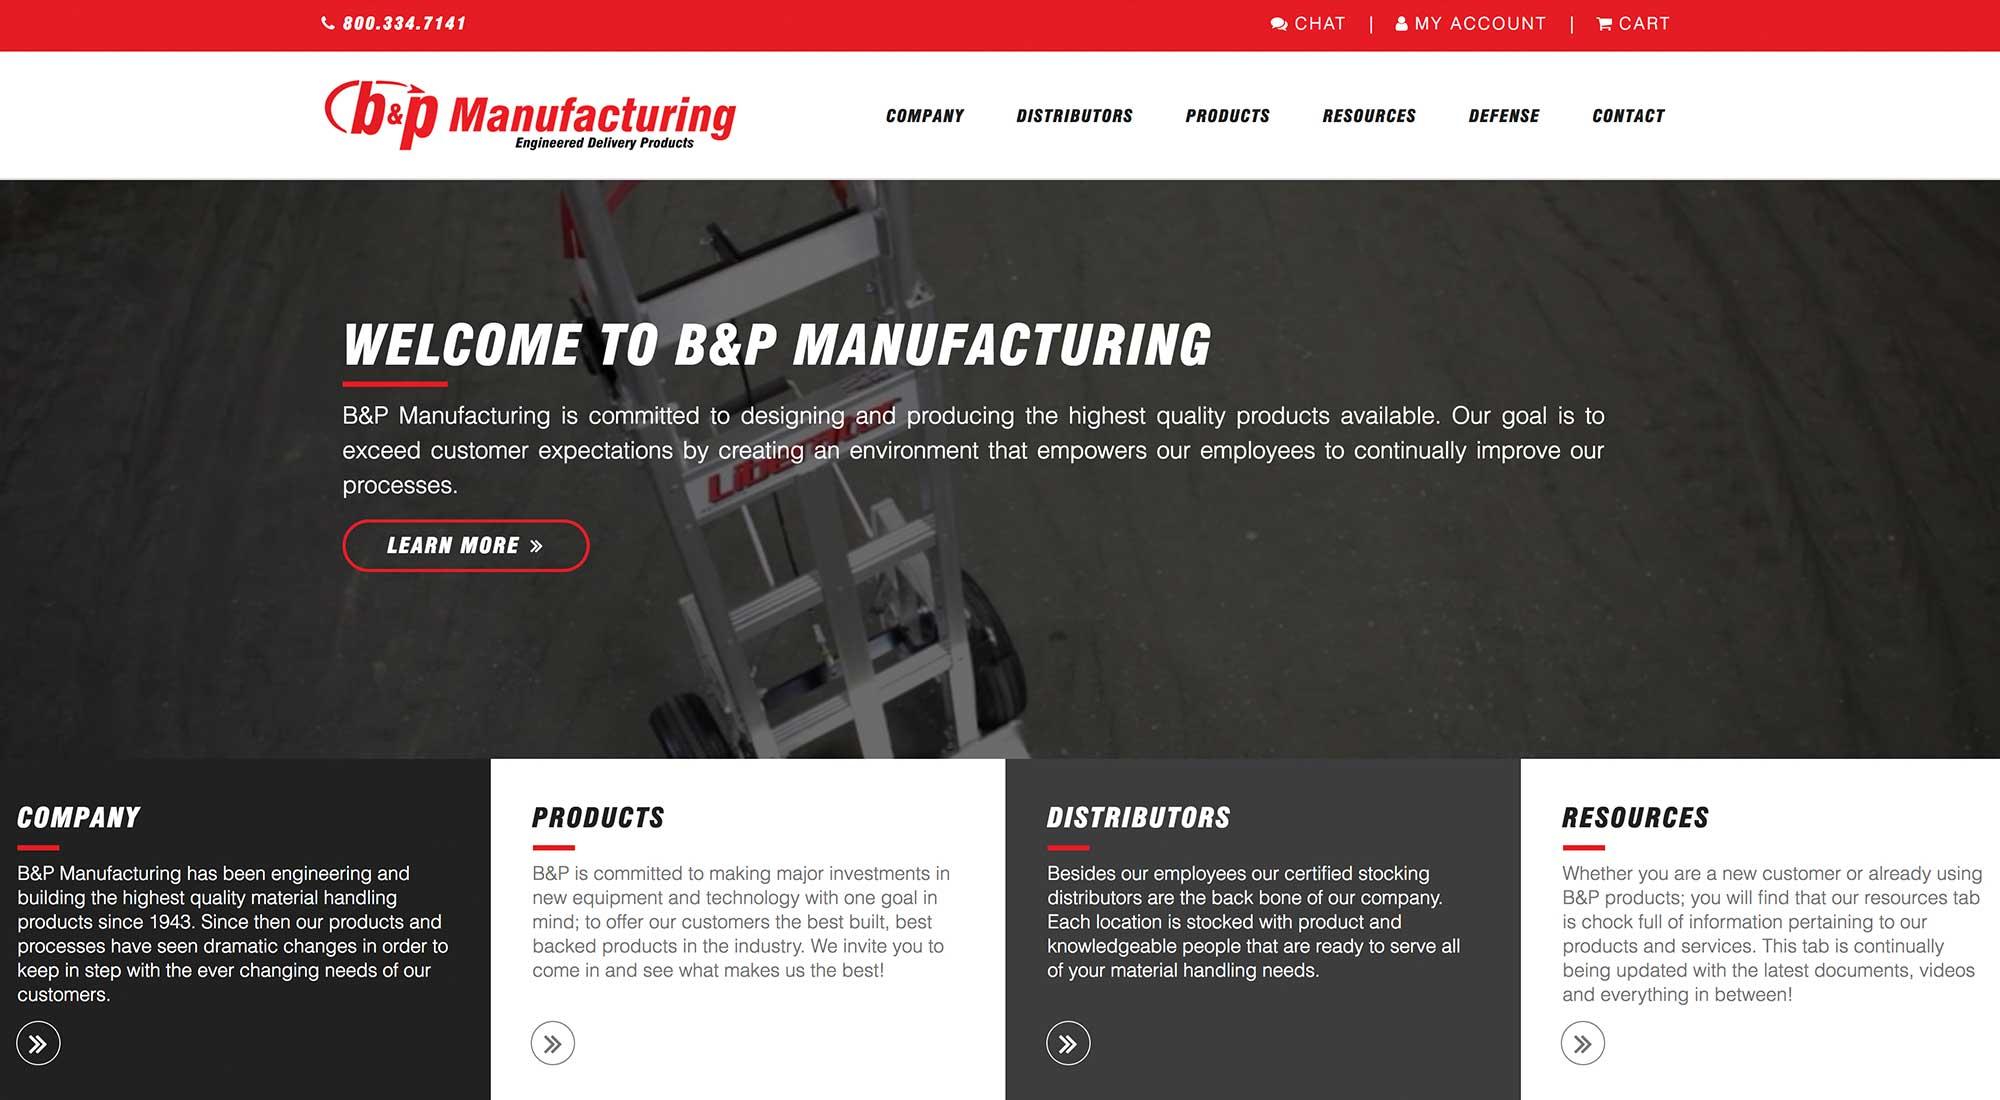 B&P Manufacturing Cadillac MI Website Designer Pixelvine